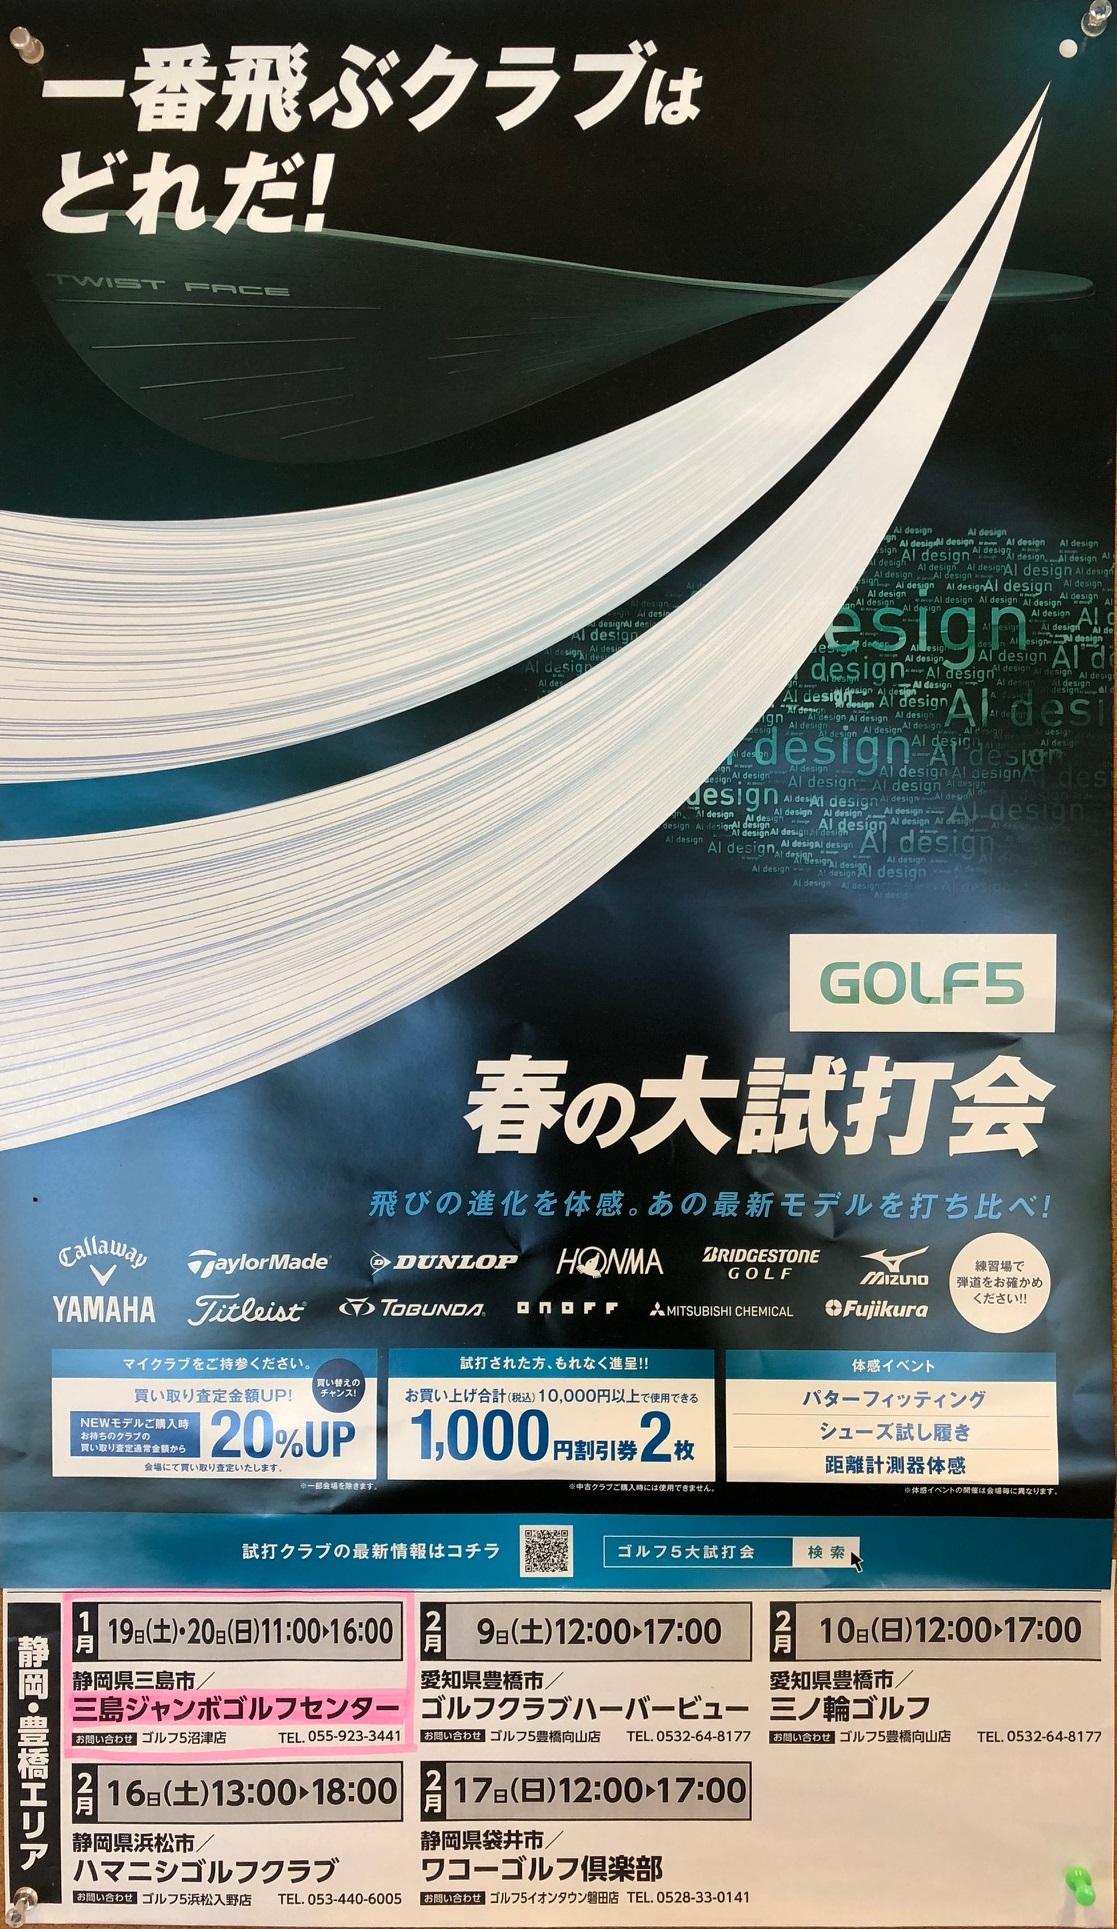 5 会 ゴルフ 試打